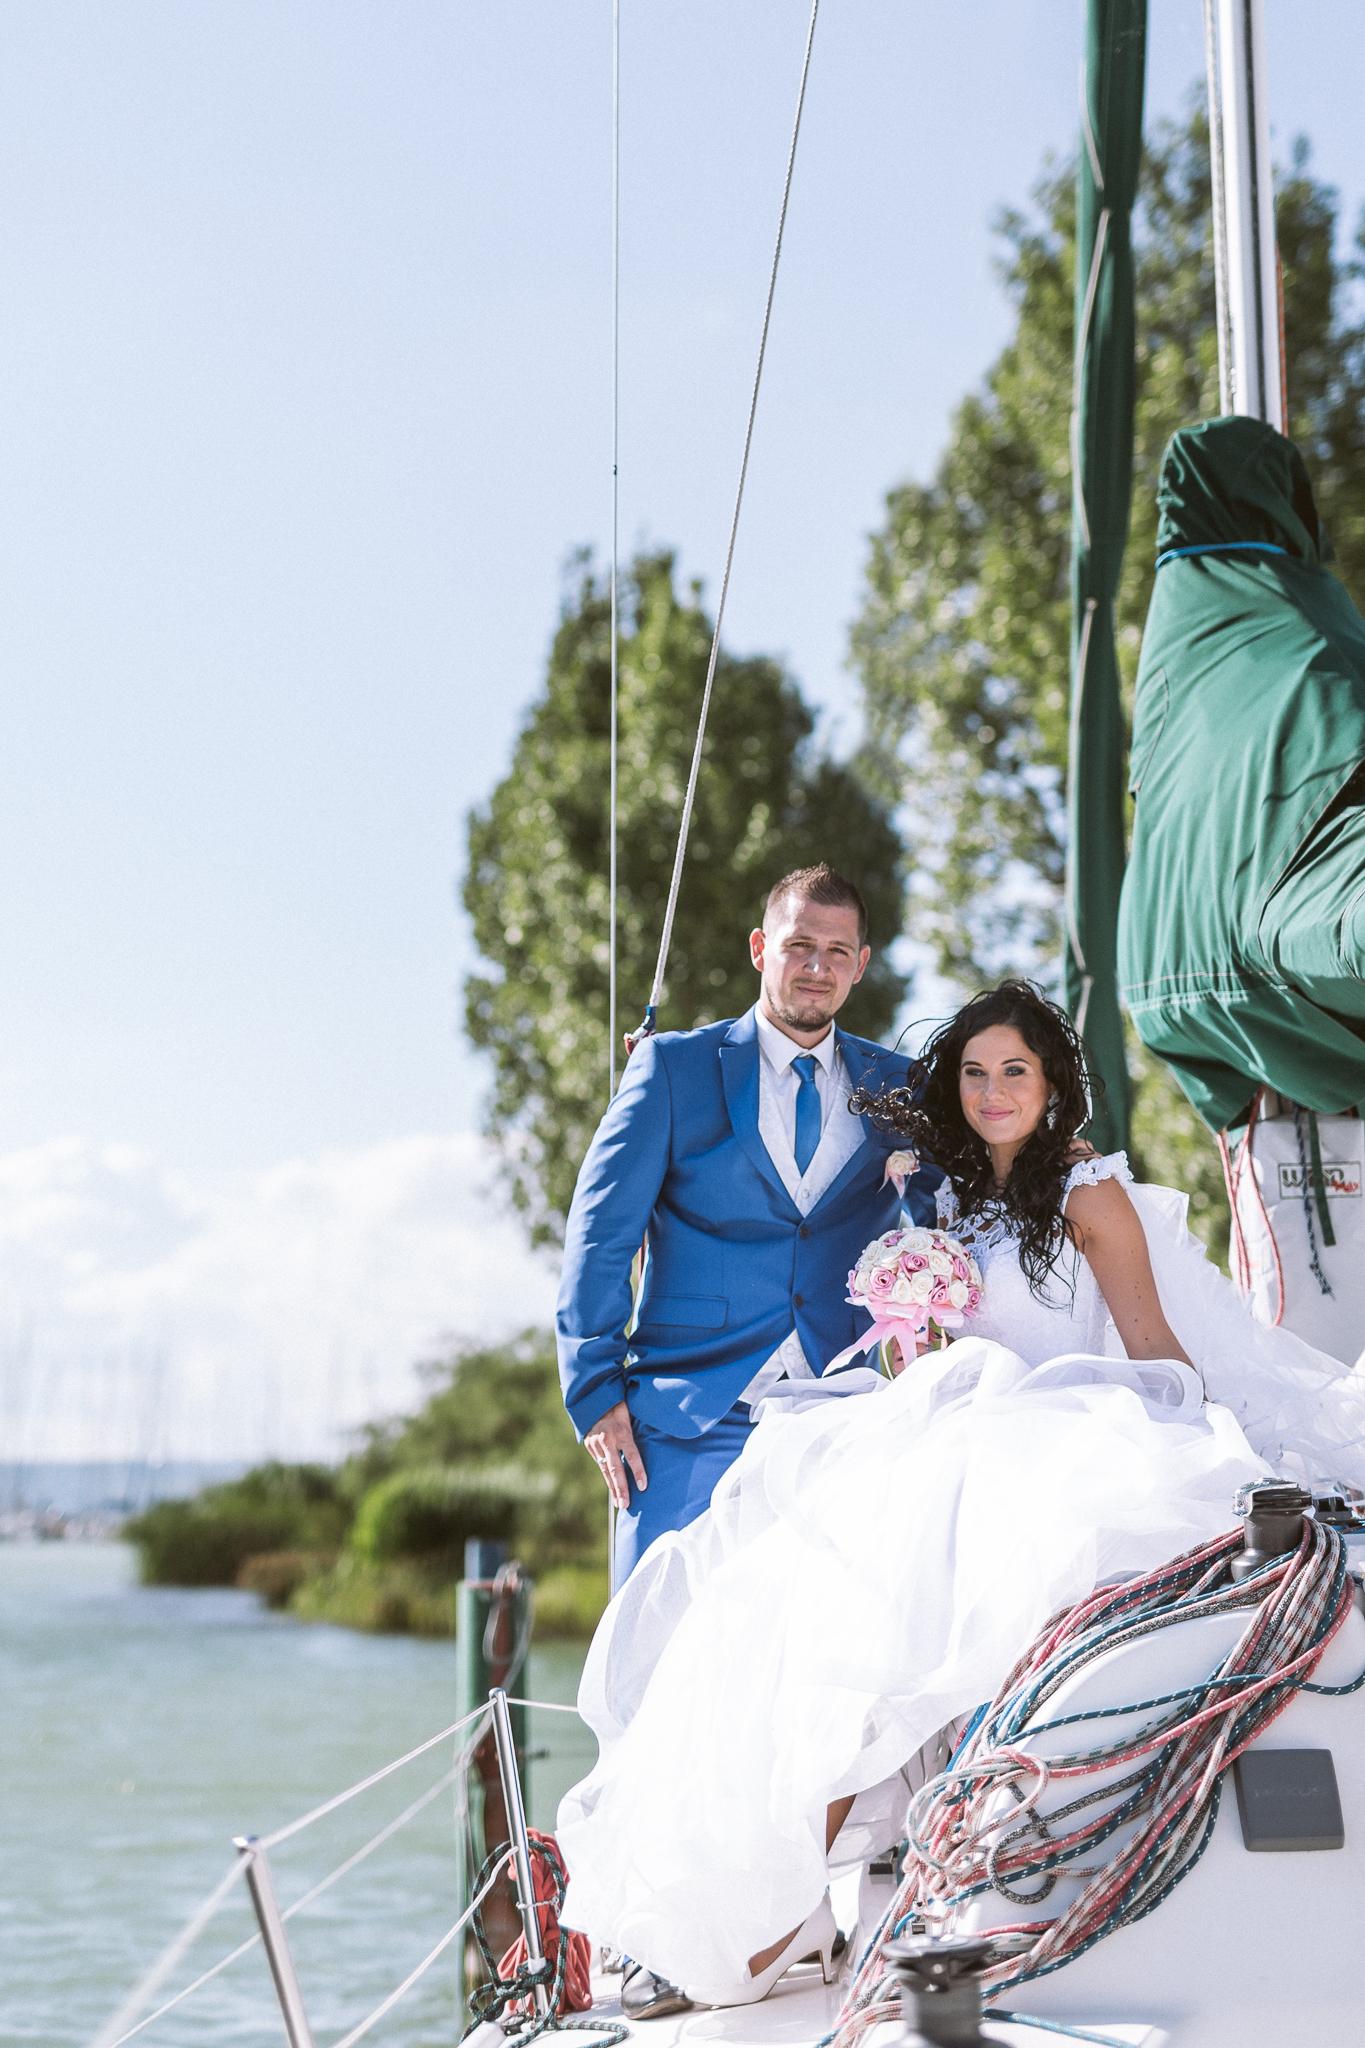 FylepPhoto, esküvőfotózás, magyarország, esküvői fotós, vasmegye, prémium, jegyesfotózás, Fülöp Péter, körmend, kreatív 16.jpg